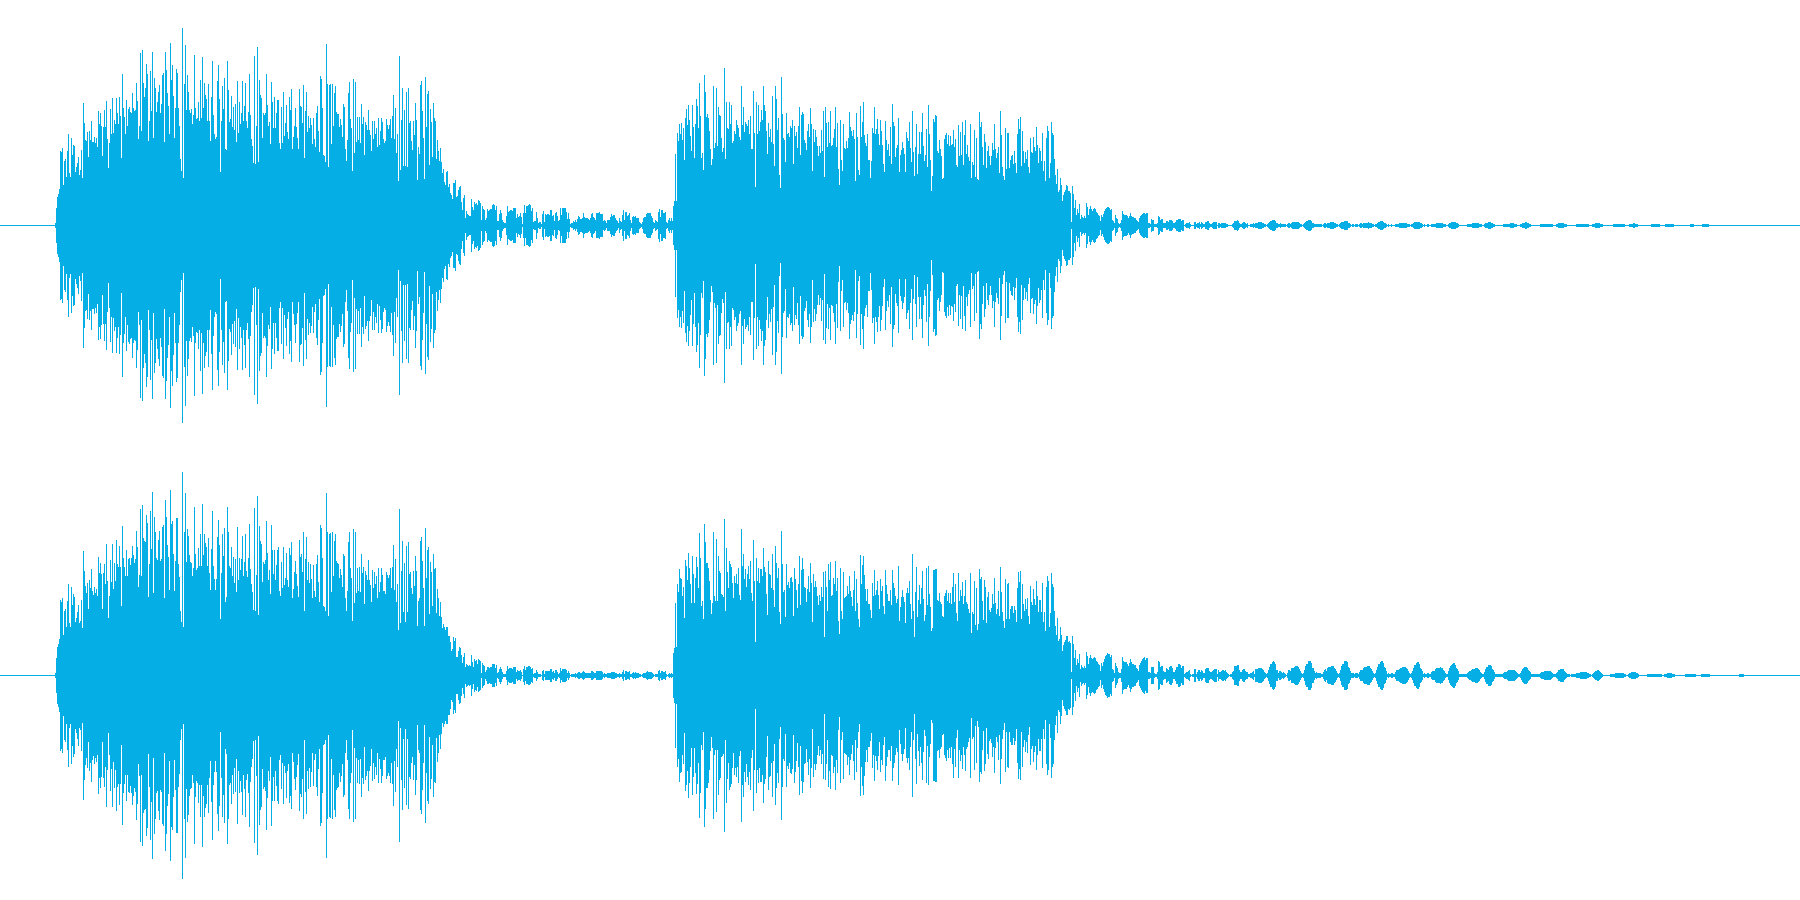 ブブッ/不正解/クイズの再生済みの波形